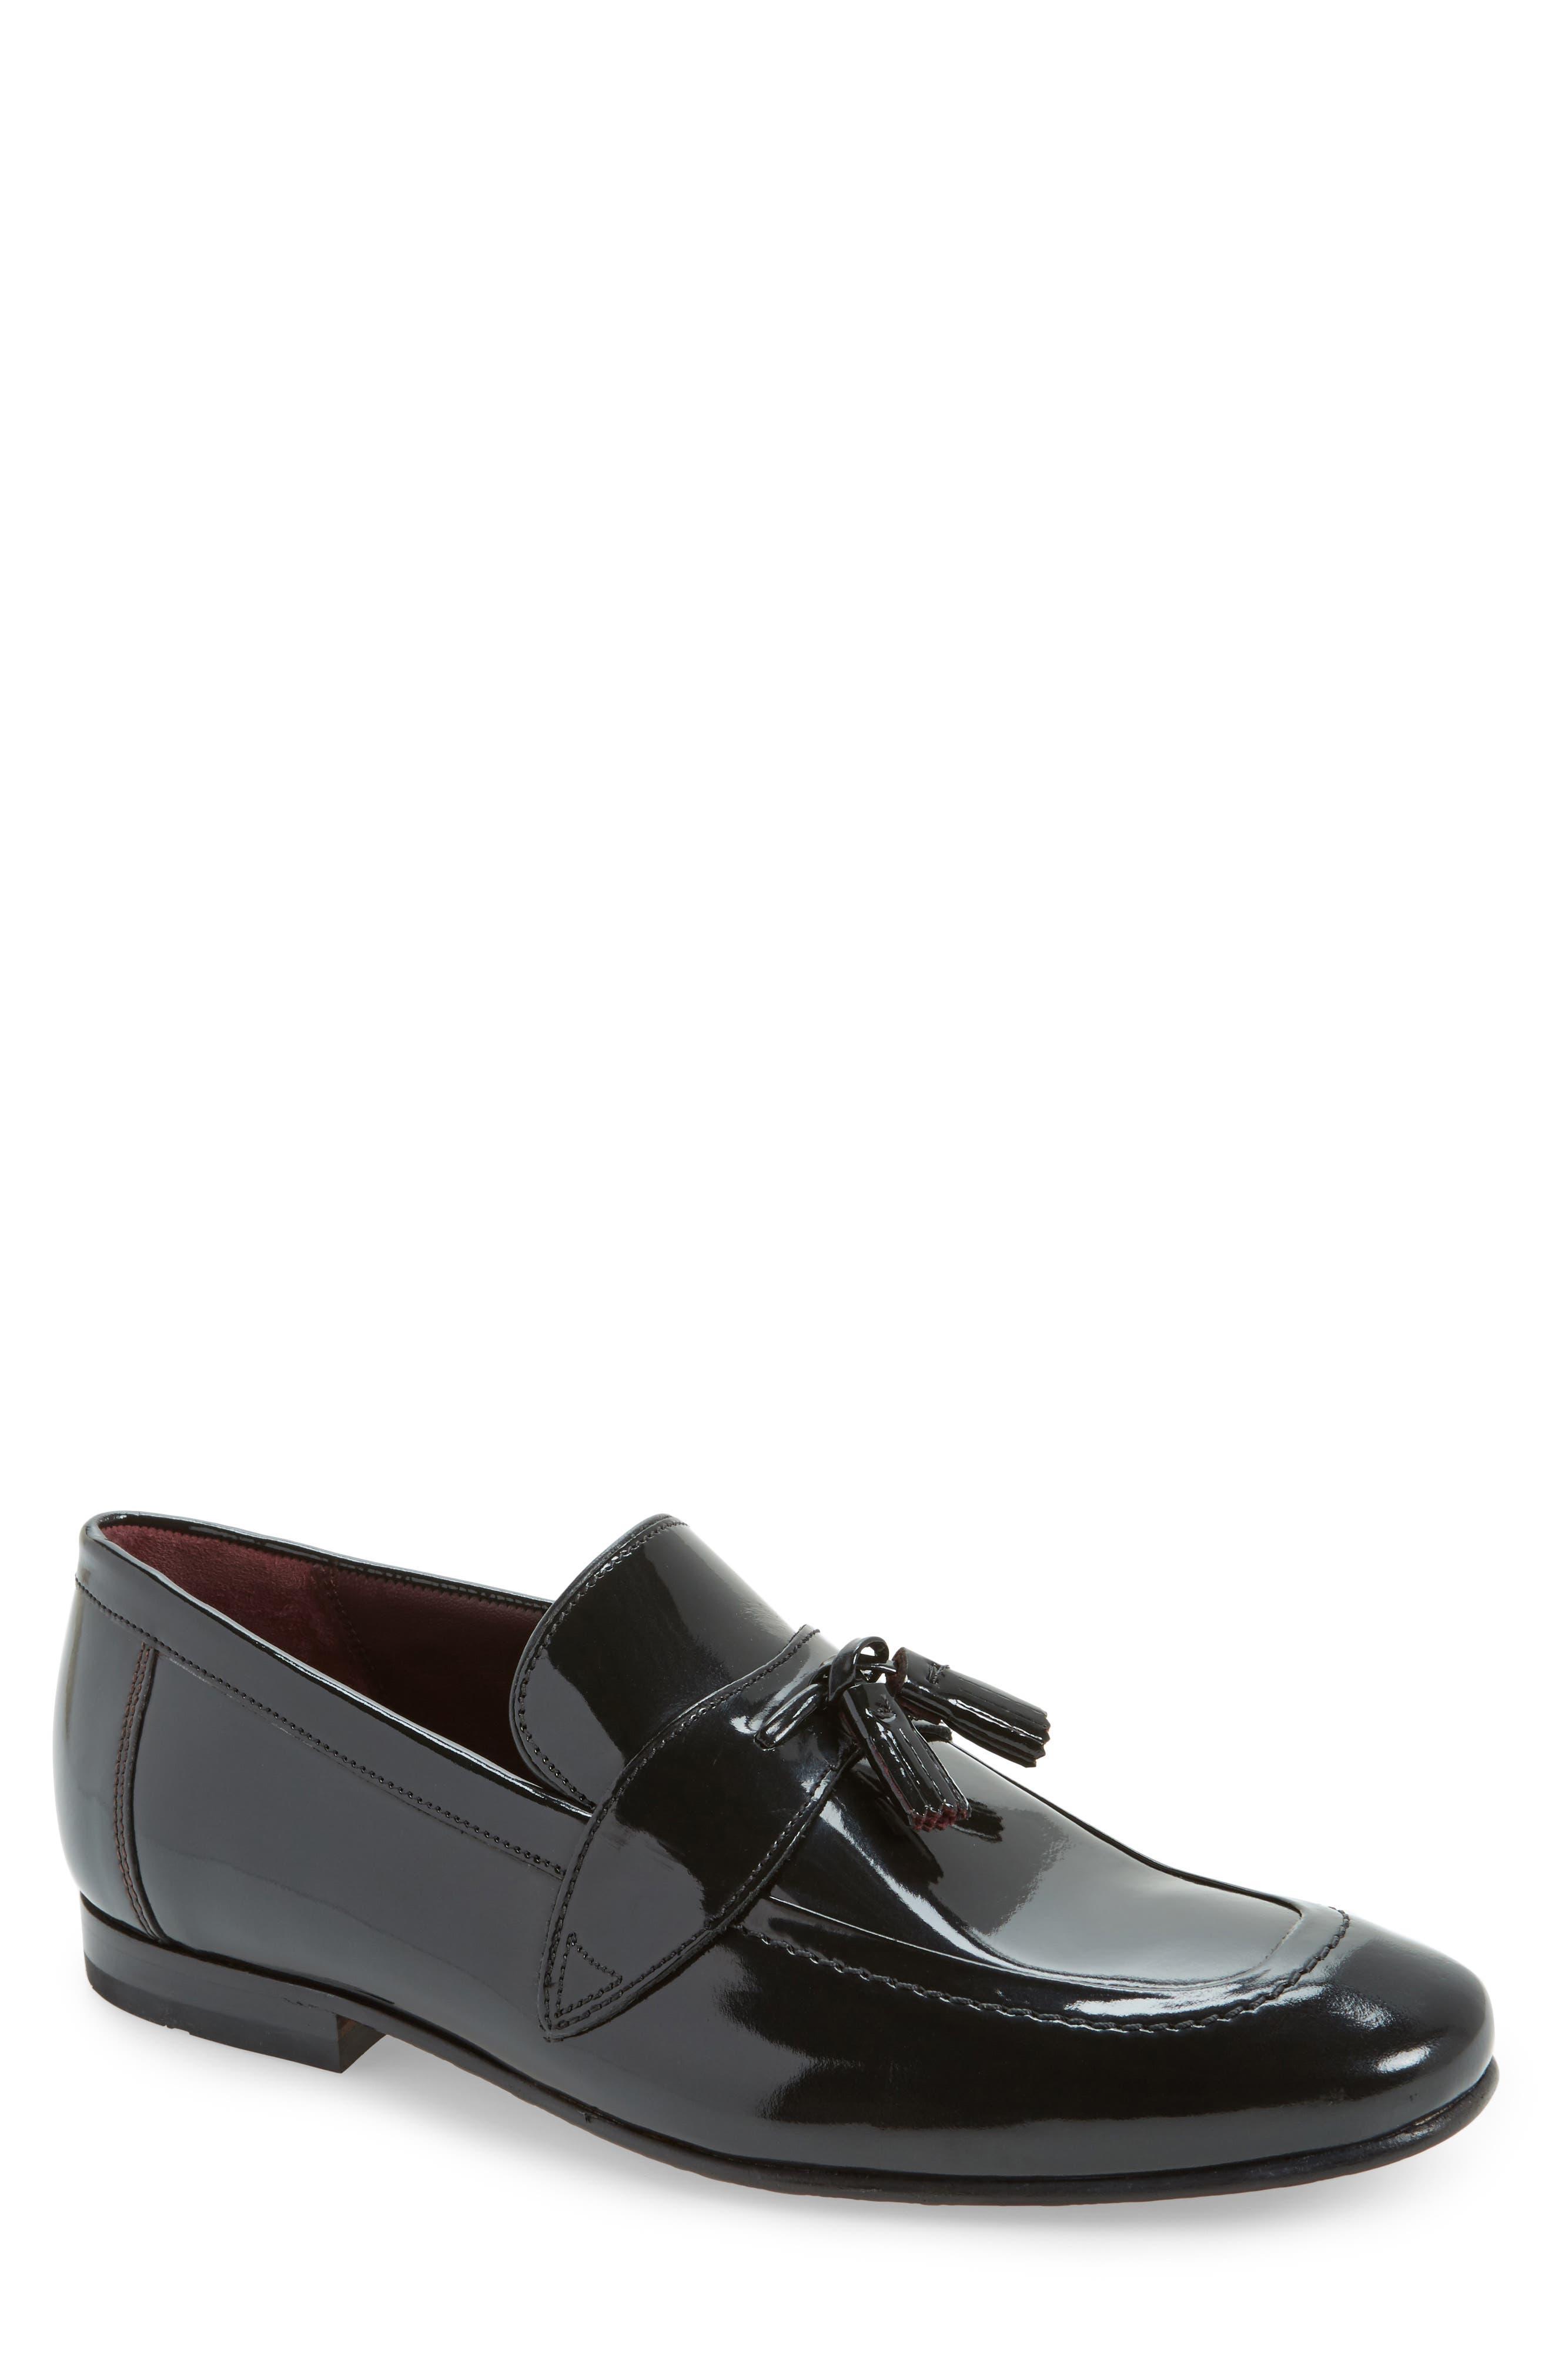 Grafit Tassel Loafer,                         Main,                         color, Black Patent Leather